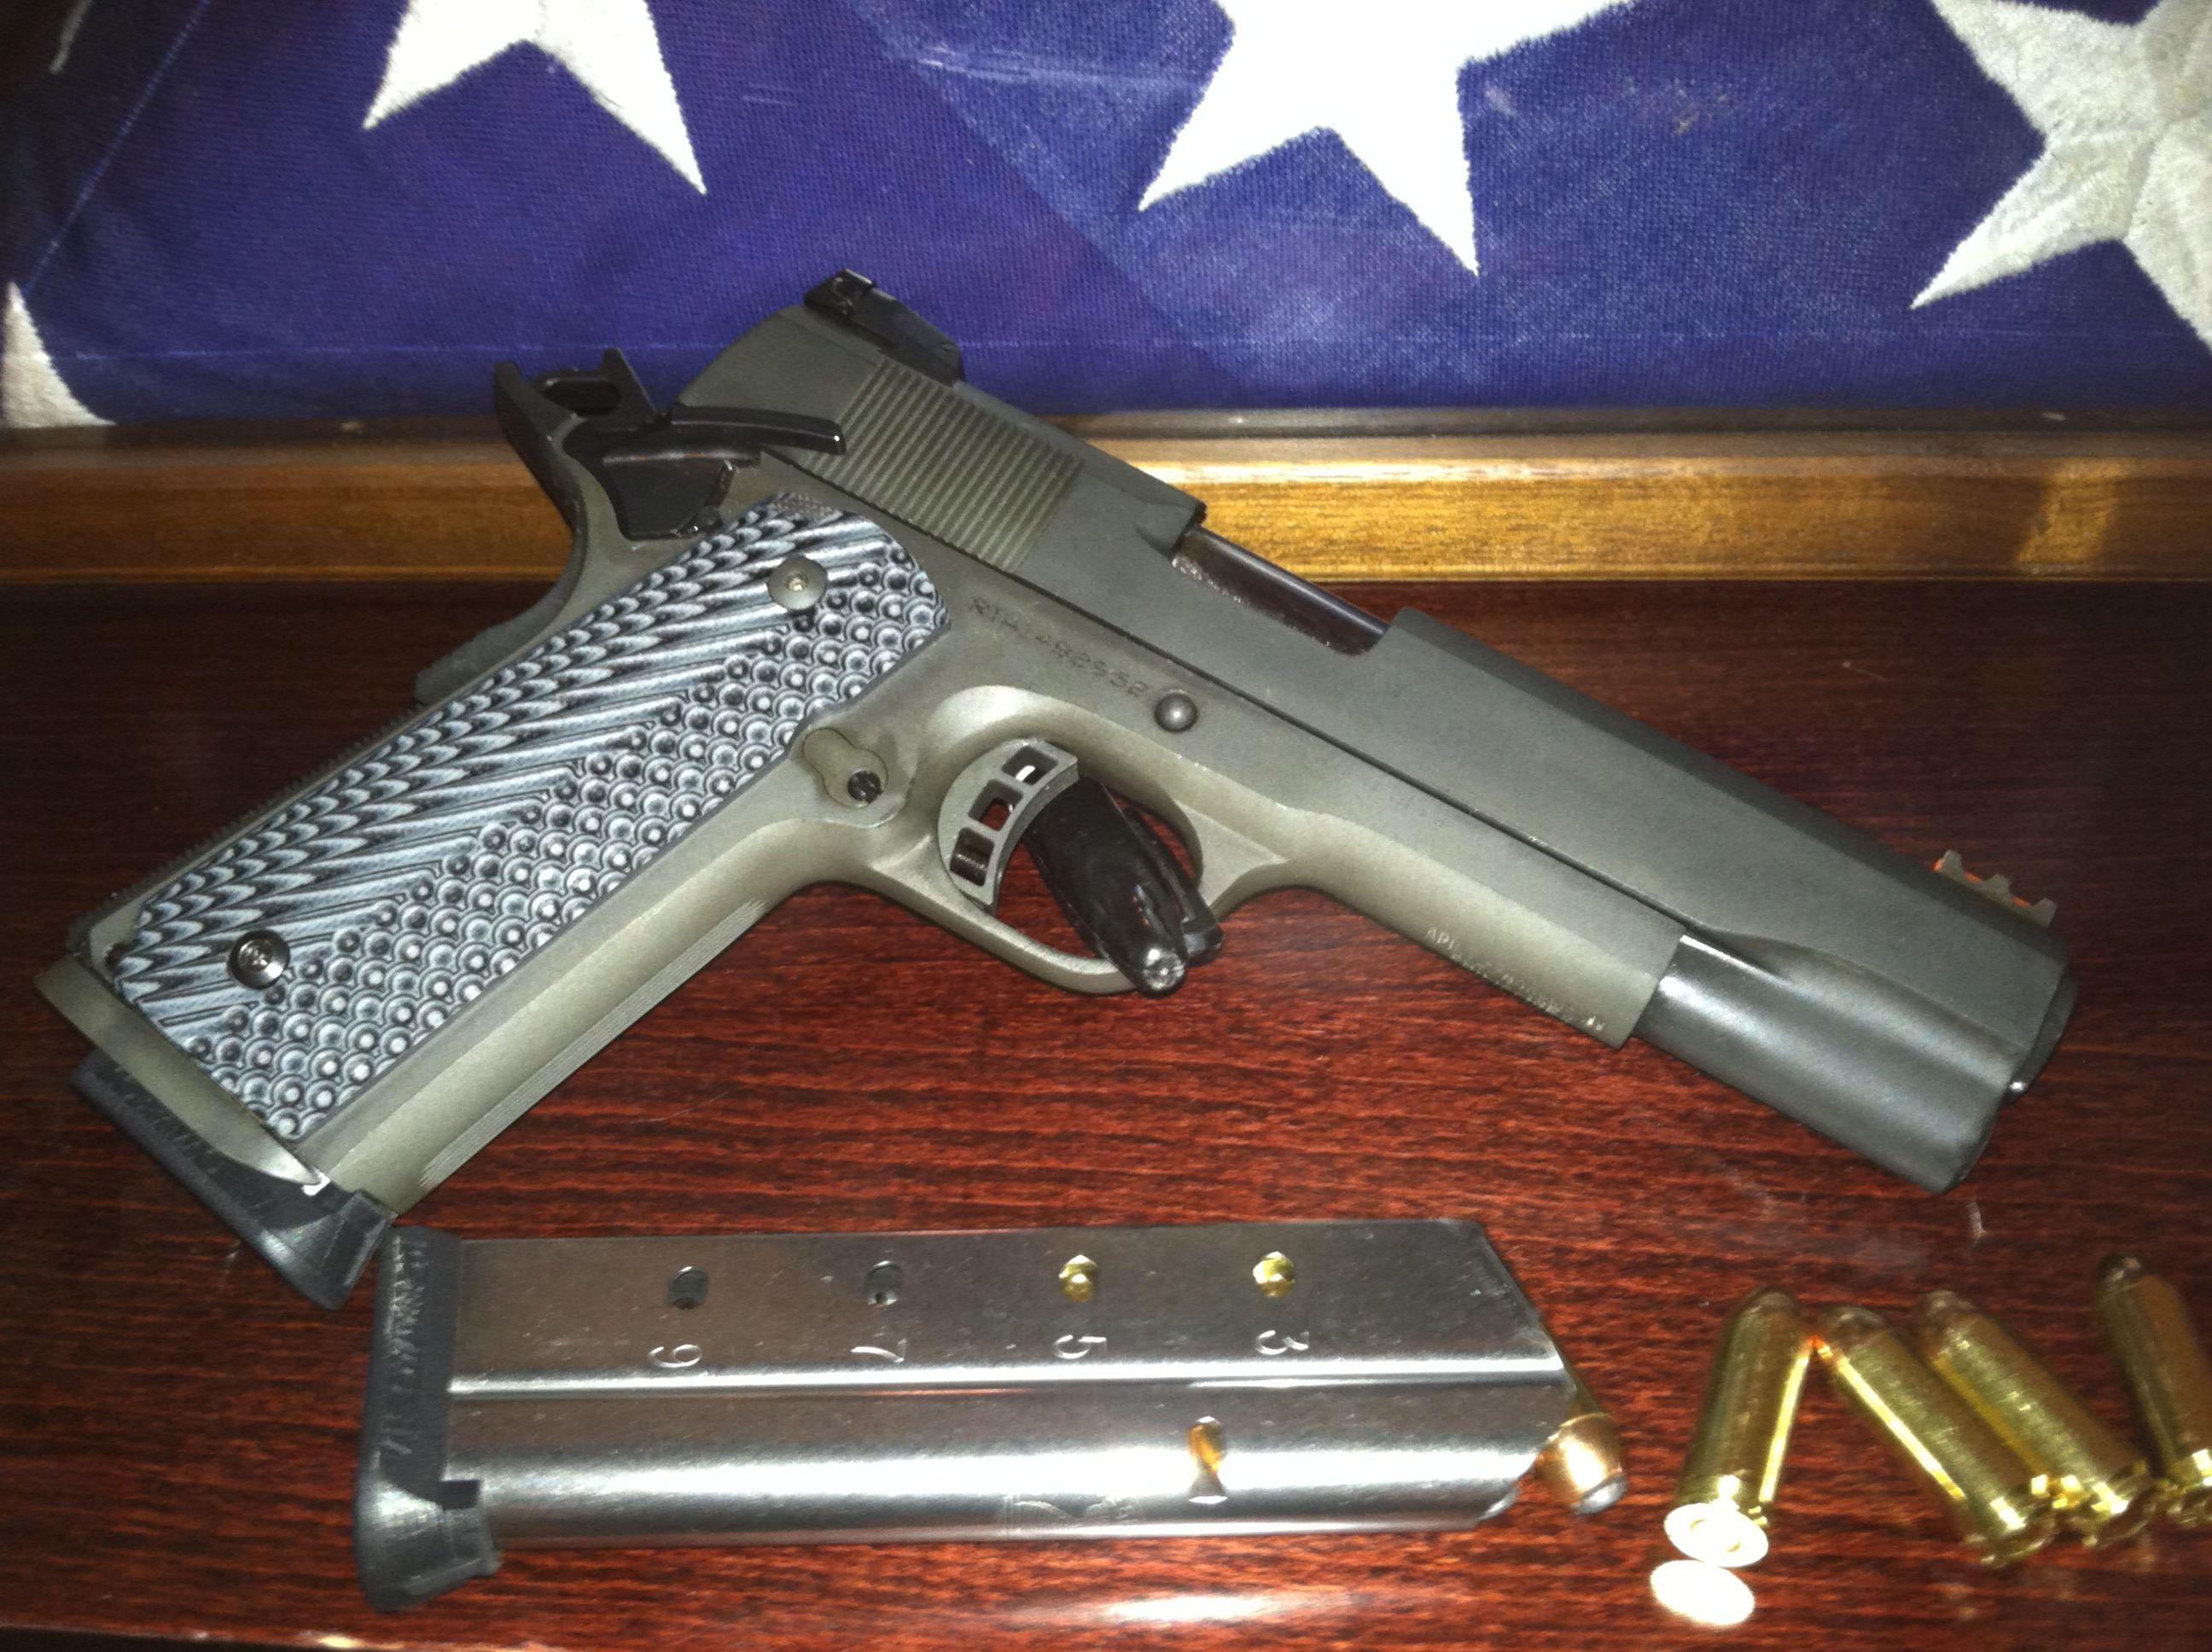 Rock Island 10mm 1911 | Guns | Guns, Hand guns, Weapons